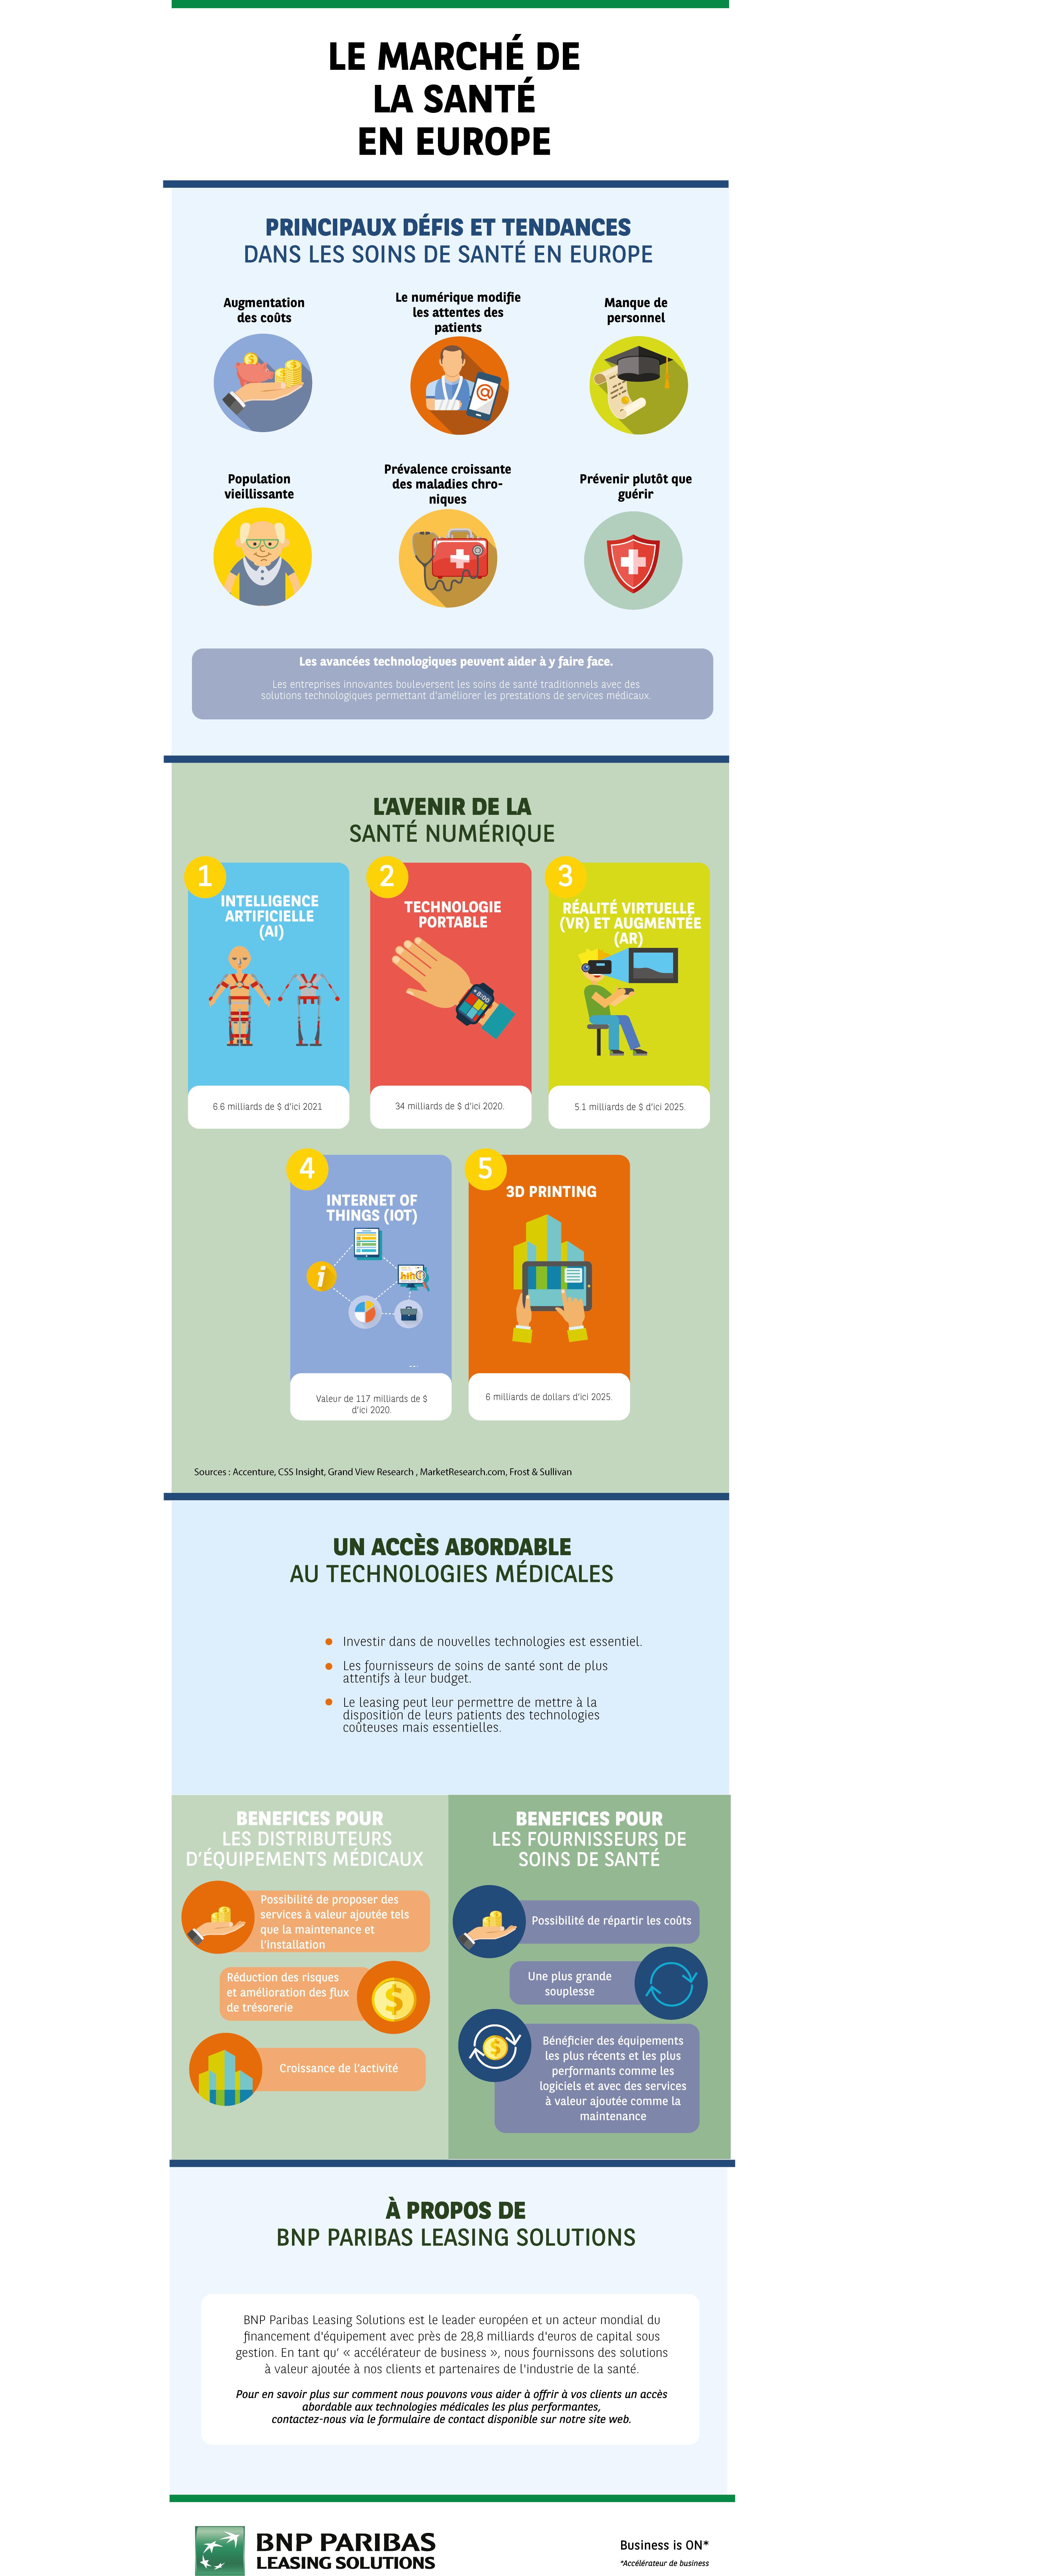 BNP Paribas Leasing Solutions - Financement du secteur de la santé - Infographie